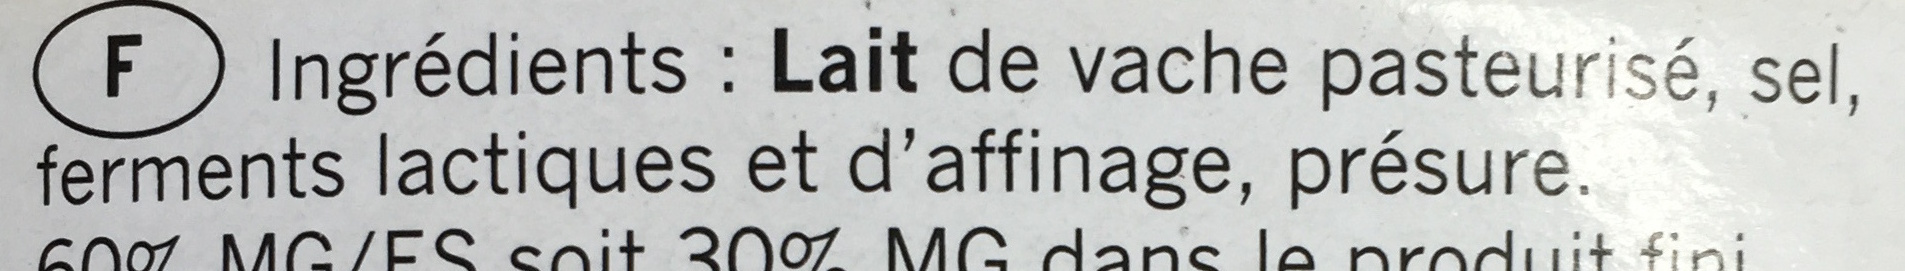 Double crème (30% MG) - Ingrédients - fr